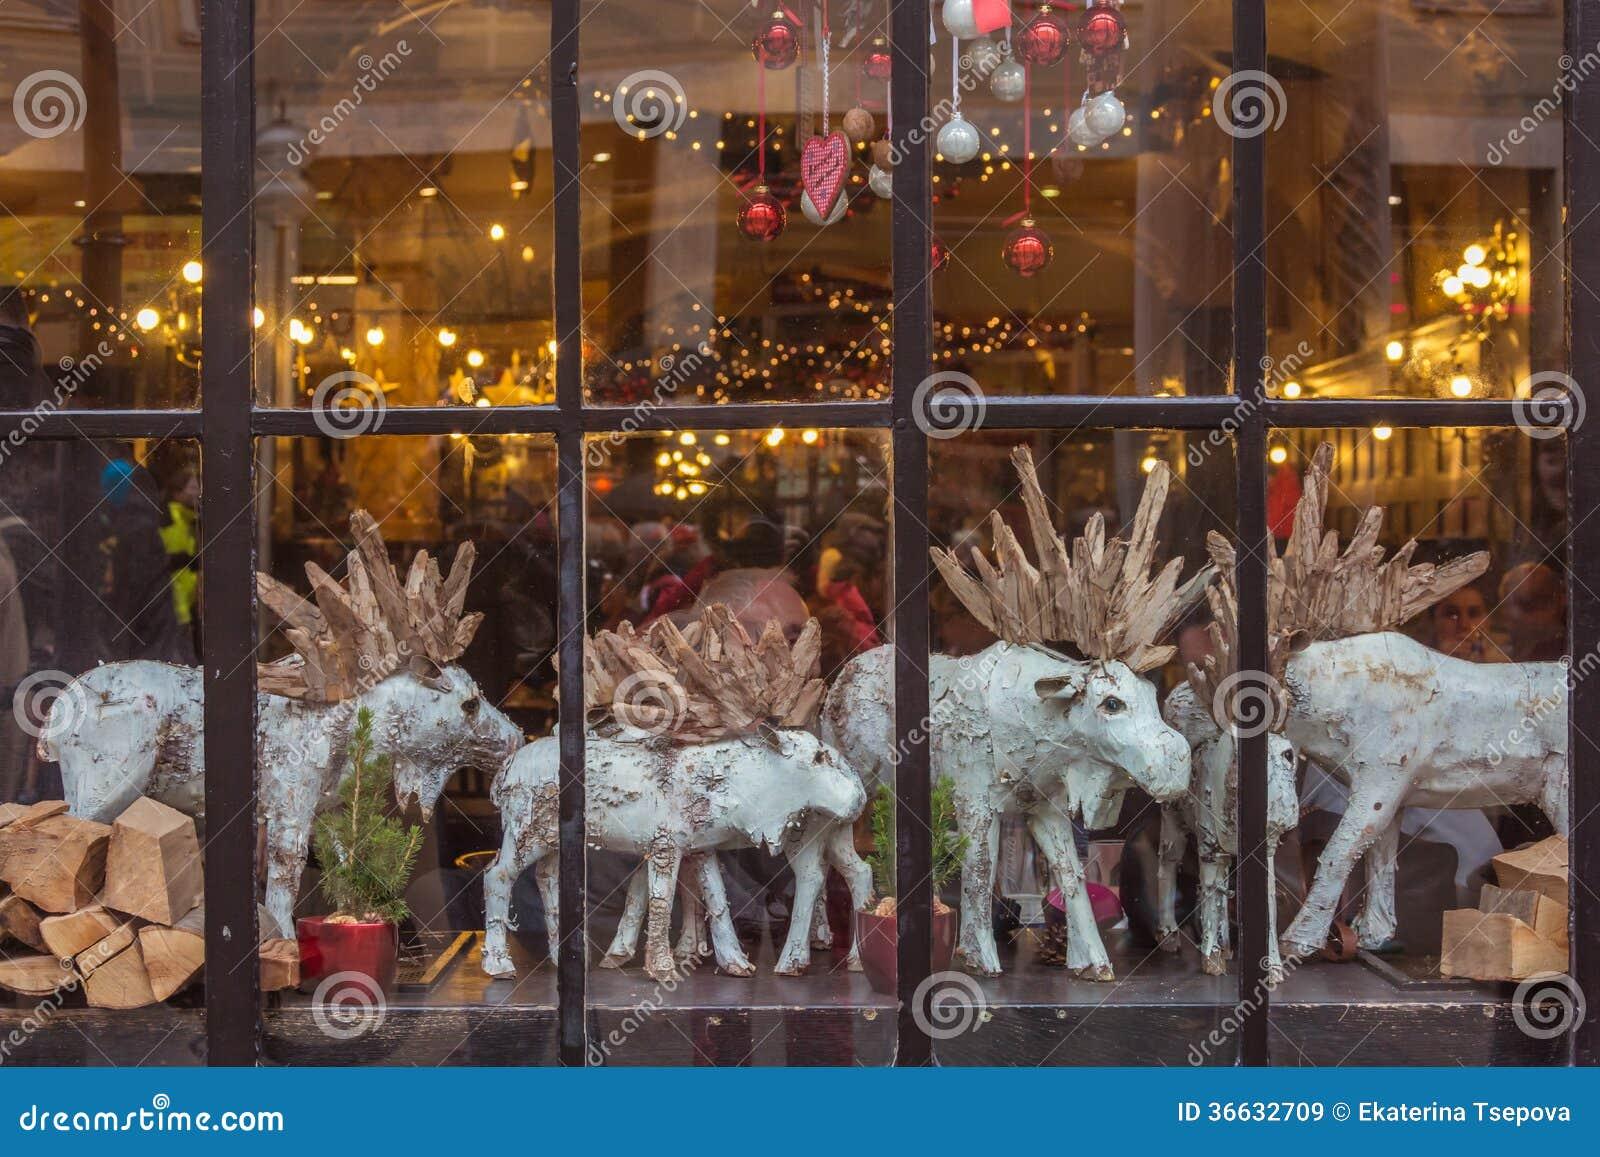 weihnachtsfenster stockbild bild von feiertage architektur 36632709. Black Bedroom Furniture Sets. Home Design Ideas